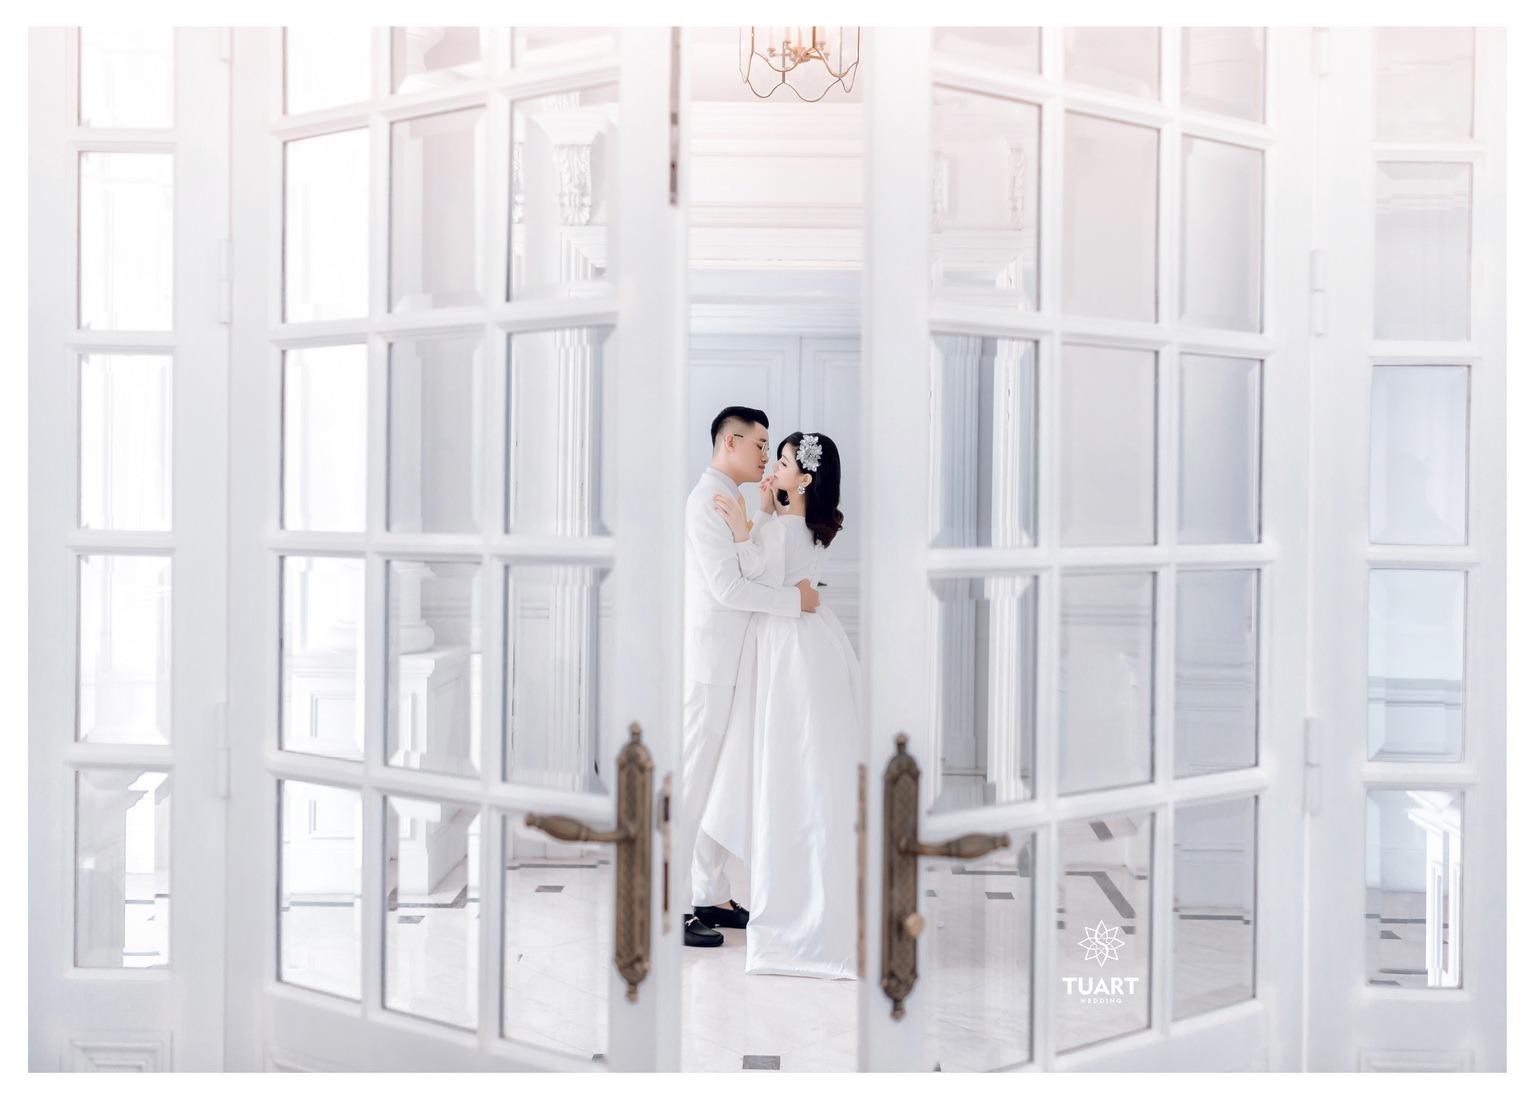 Album tại TuArt - Album chụp ảnh cưới đẹp phong cách Hàn Quốc 48